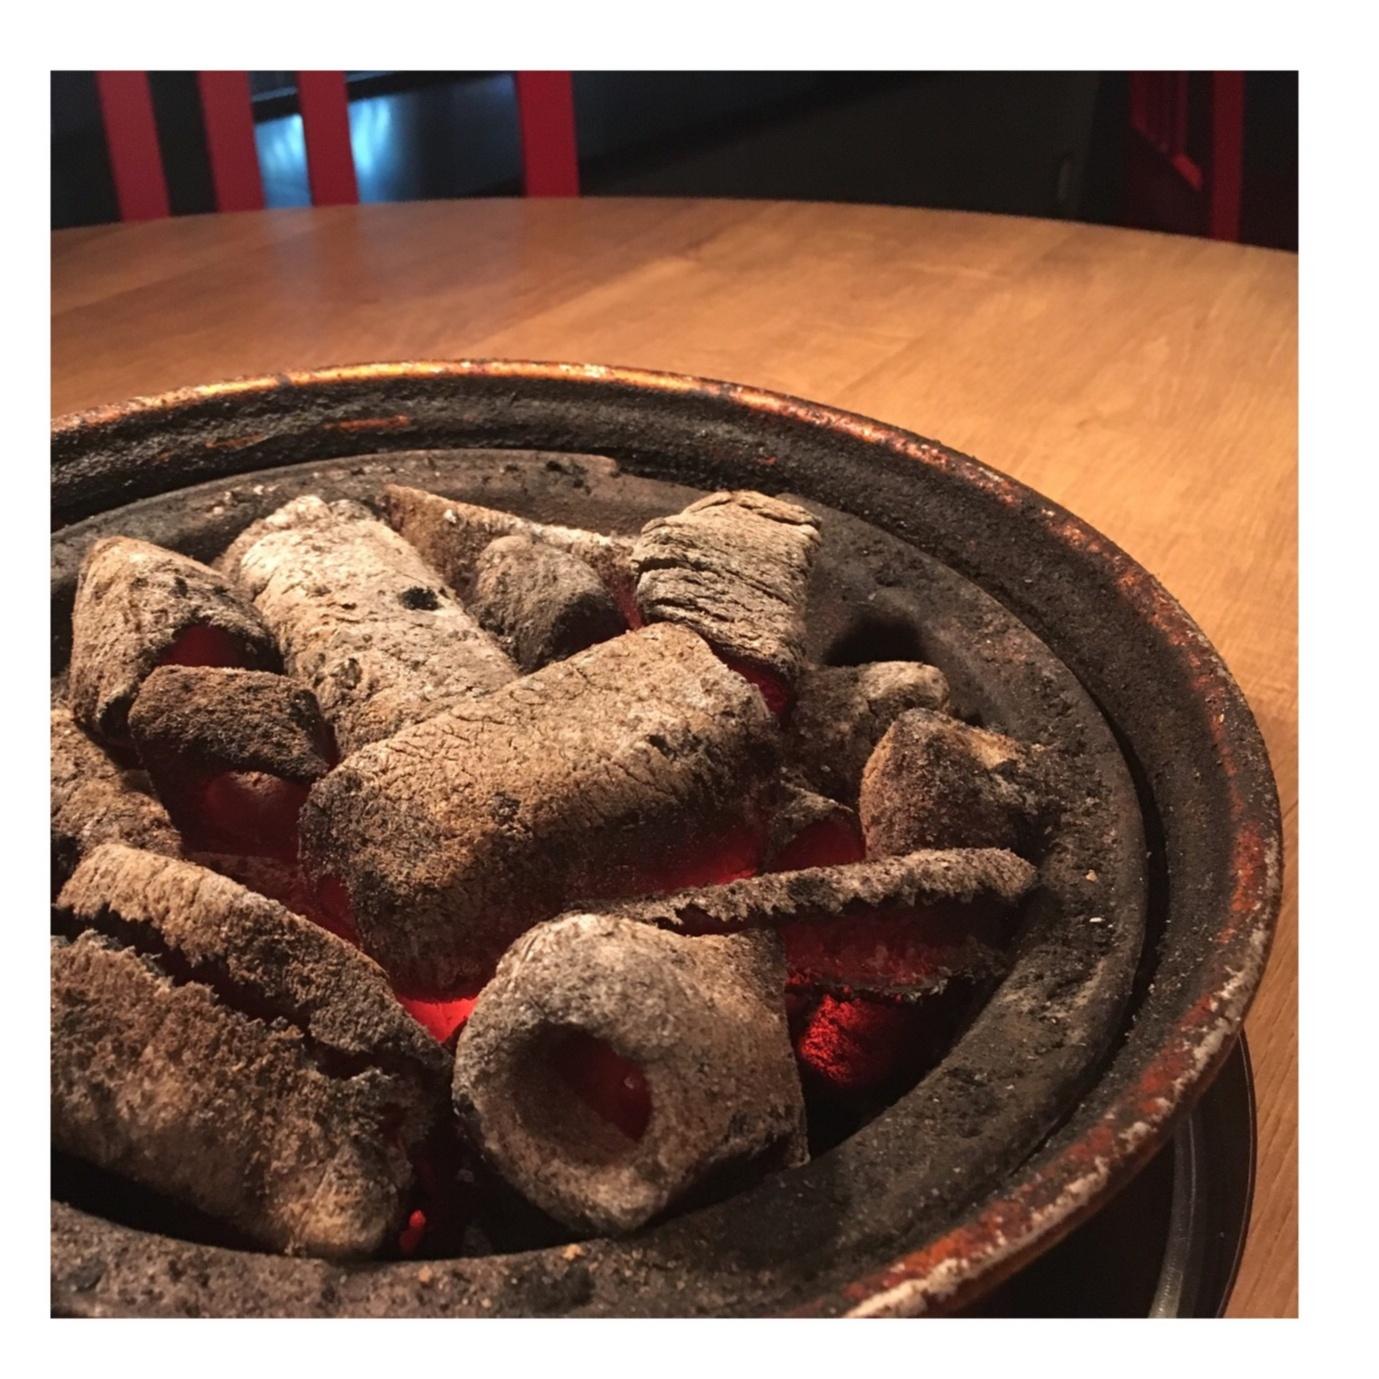 忘年肉会★コース料理を徹底解剖!「炭火焼肉なかはら」でオススメの黒毛和牛の●●とは・・・?_1